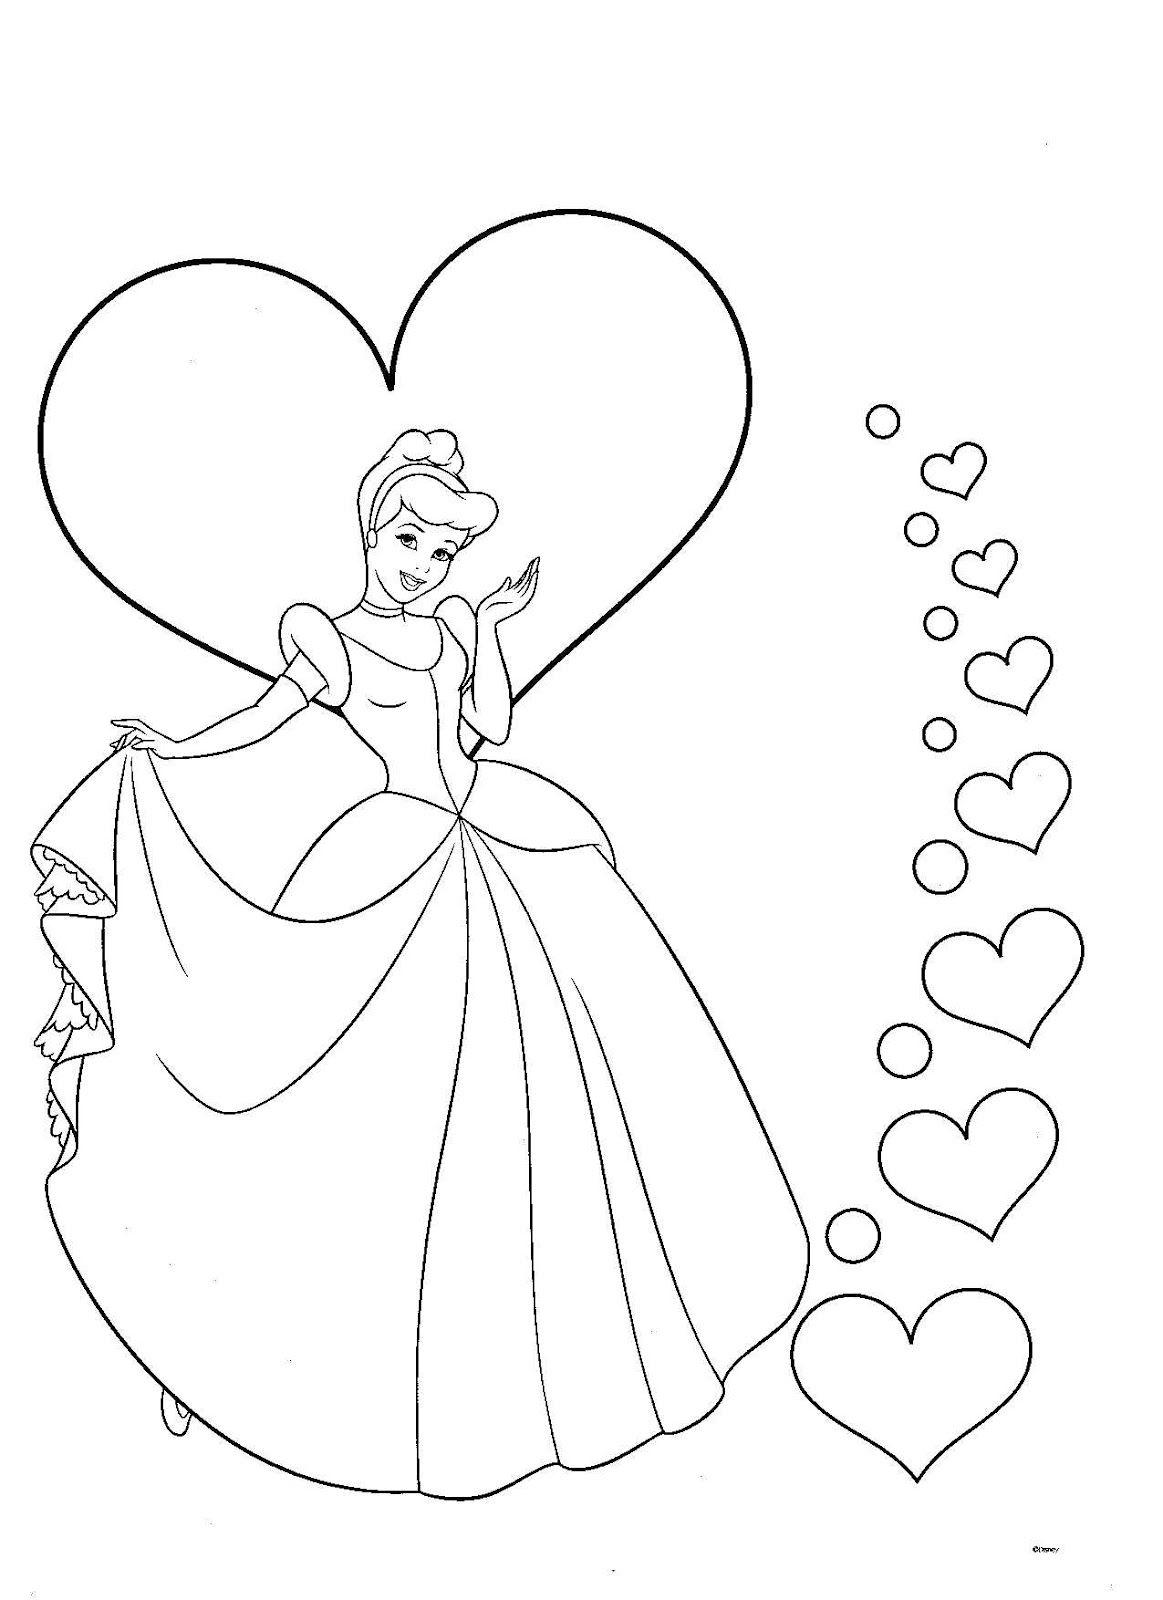 Dibujo De Princesa Para Colorear Con Imagenes Princesas Para